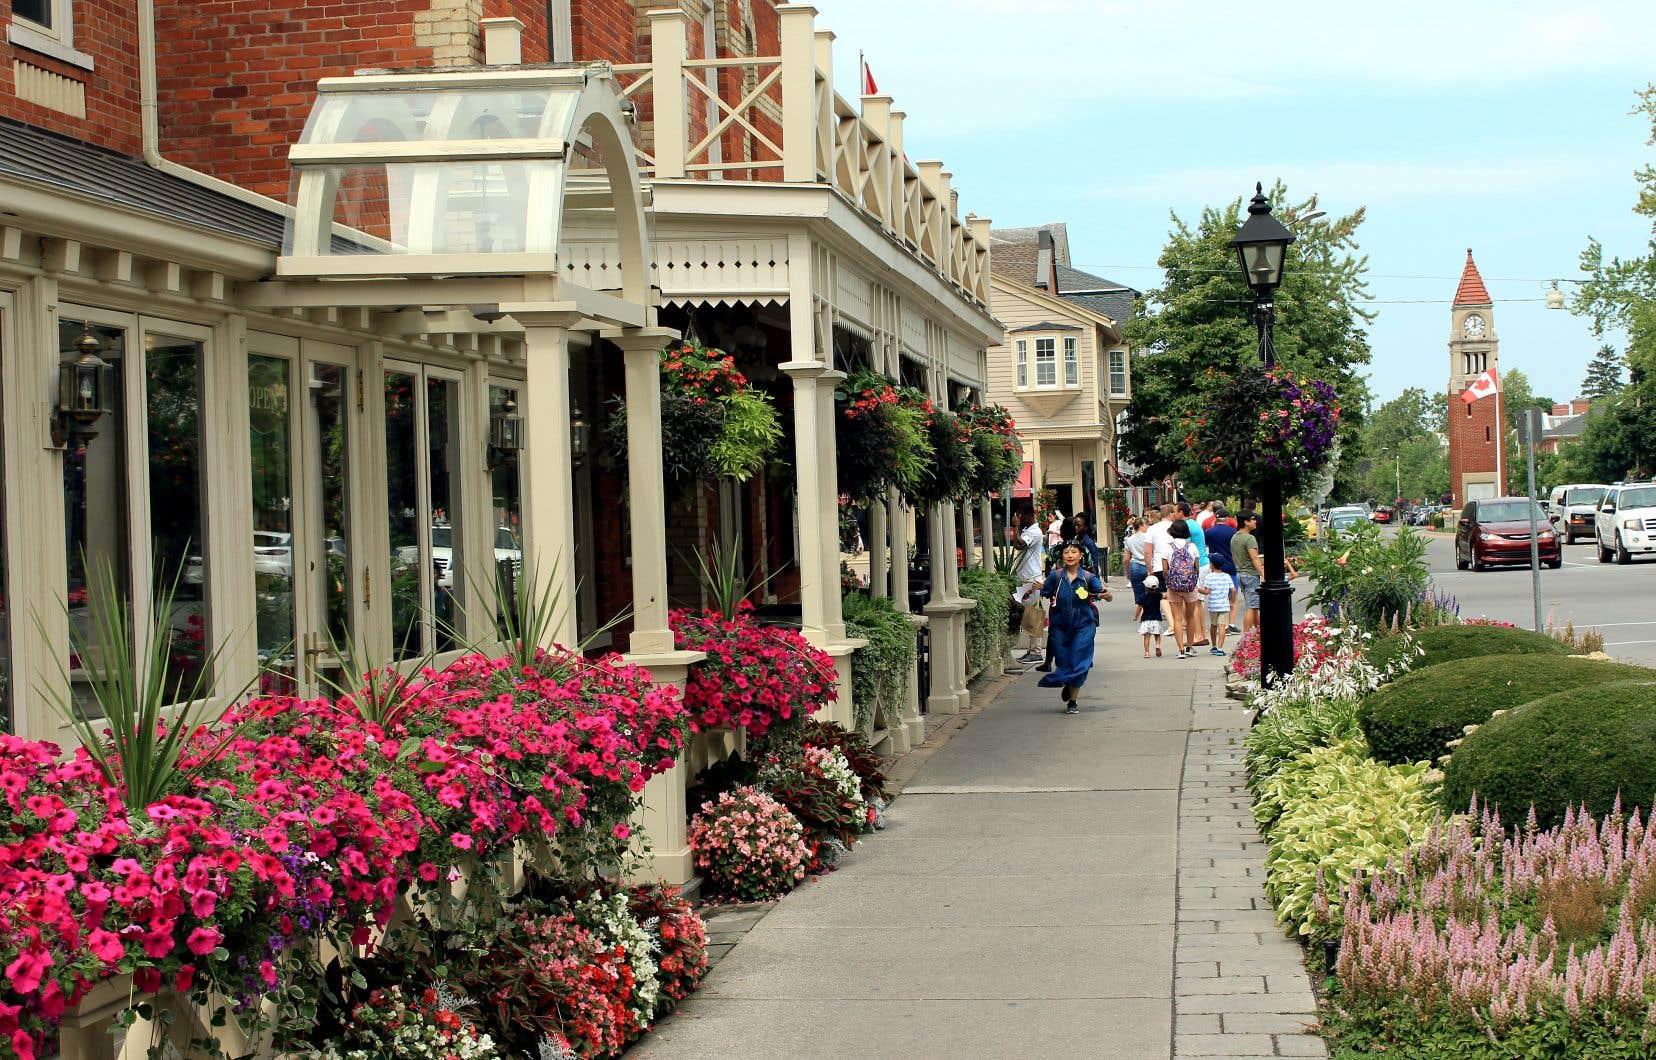 D'avril à octobre, la coquette ville de Niagara-on-the-Lake s'affiche comme un haut lieu de théâtre, avec son prestigieux Shaw Festival.